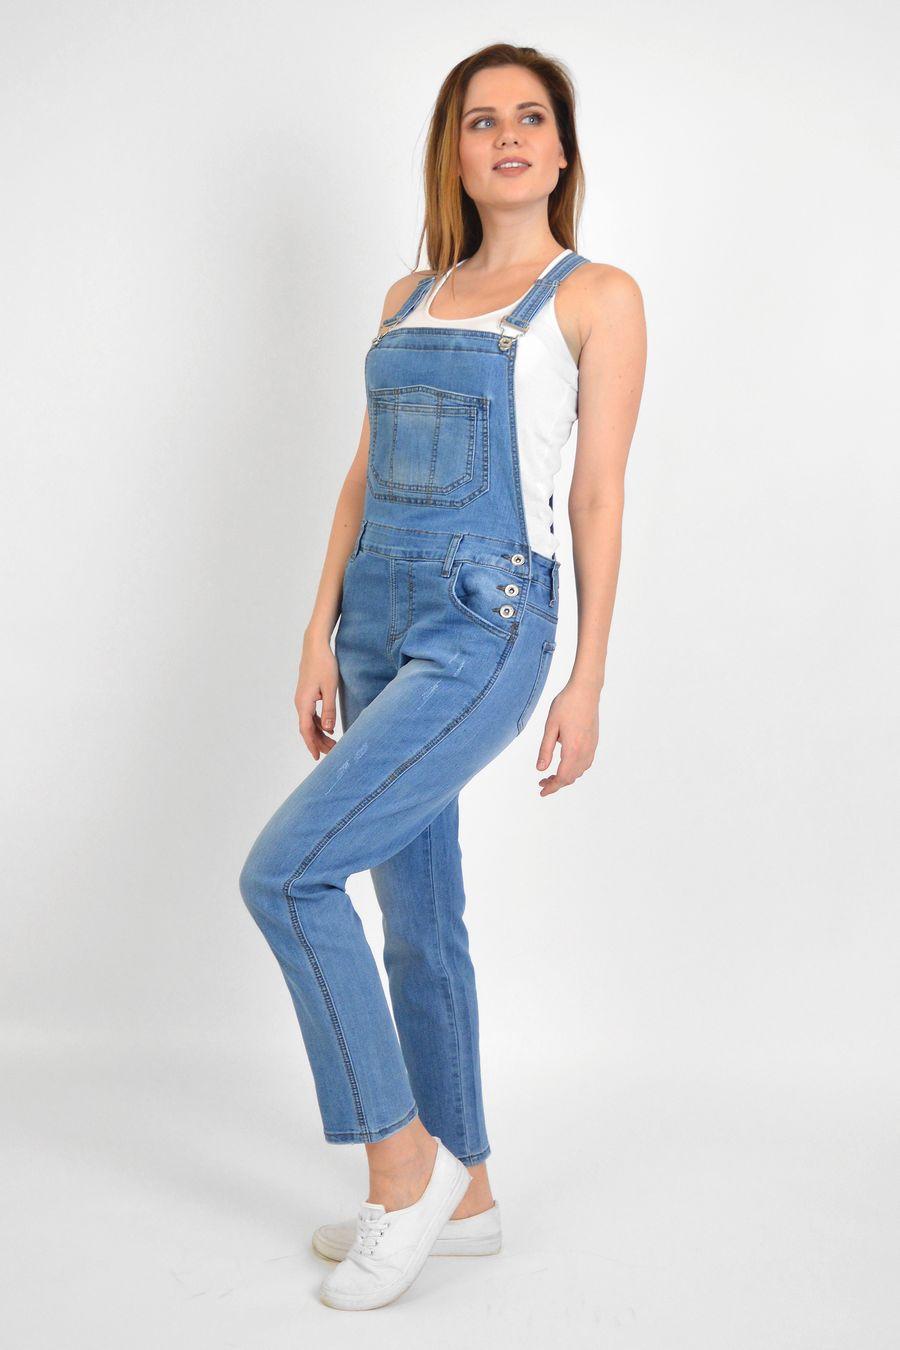 Комбинезон женский Baccino 3040 джинсовый - фото 3